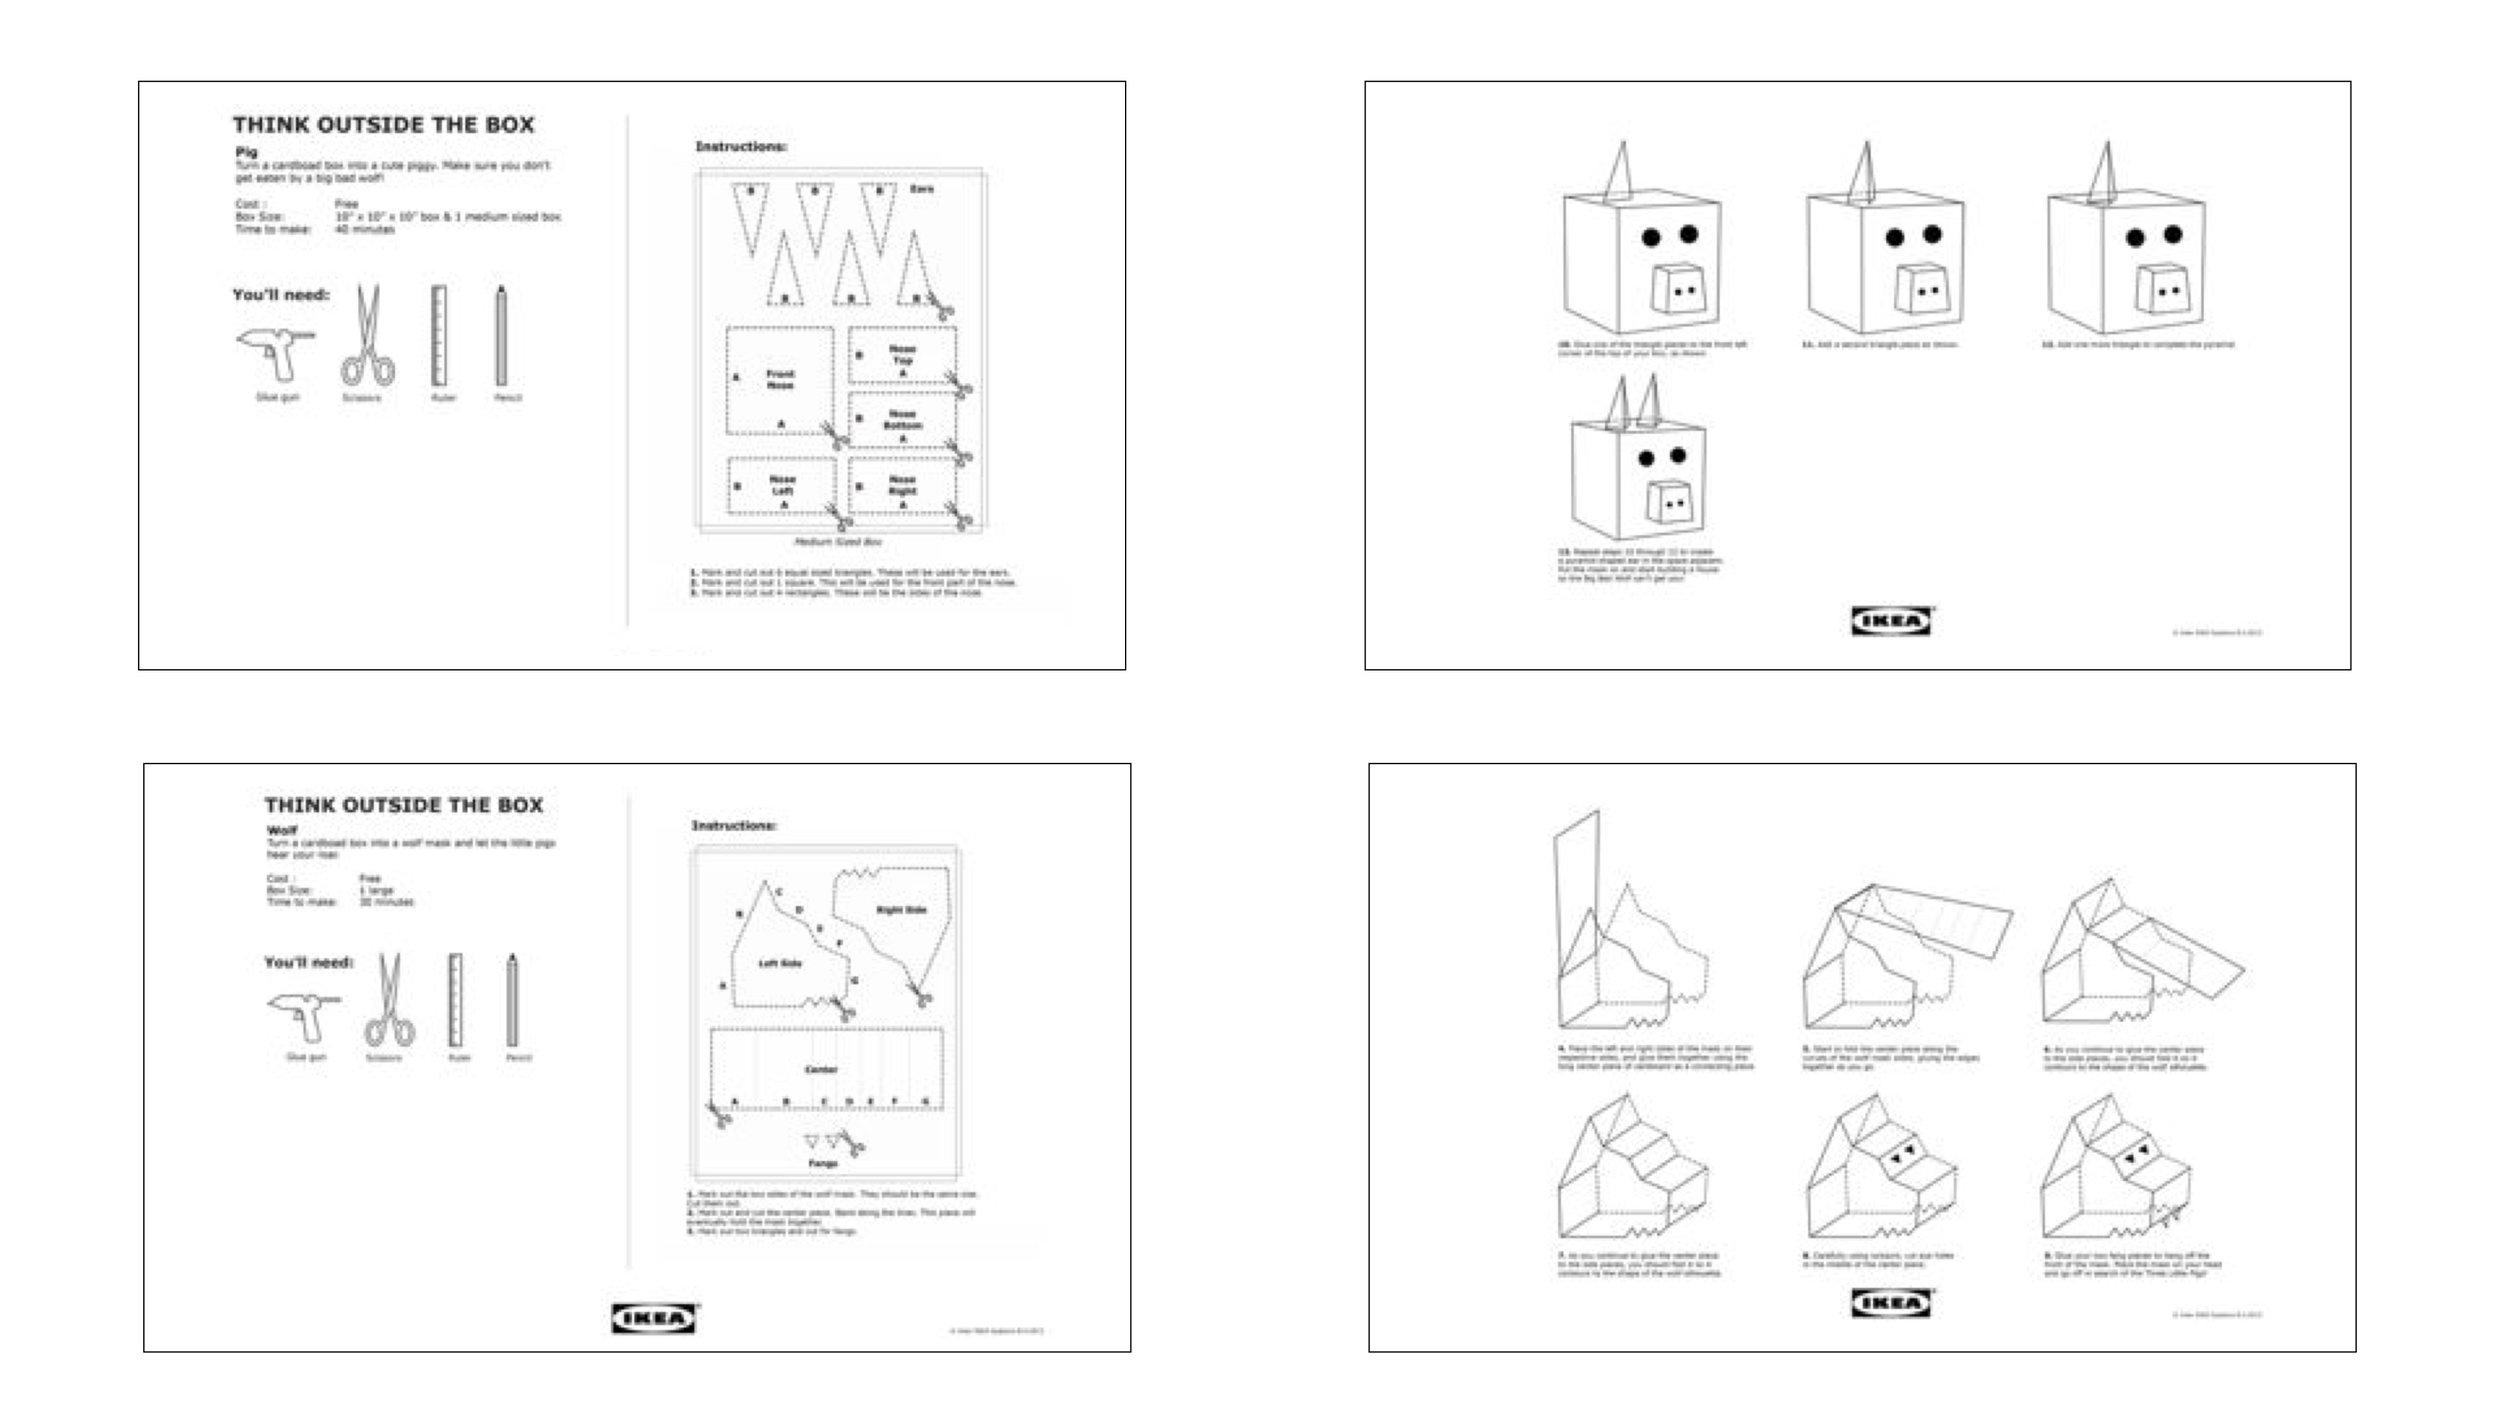 ikea-unboxed-blueprints_4000.jpg